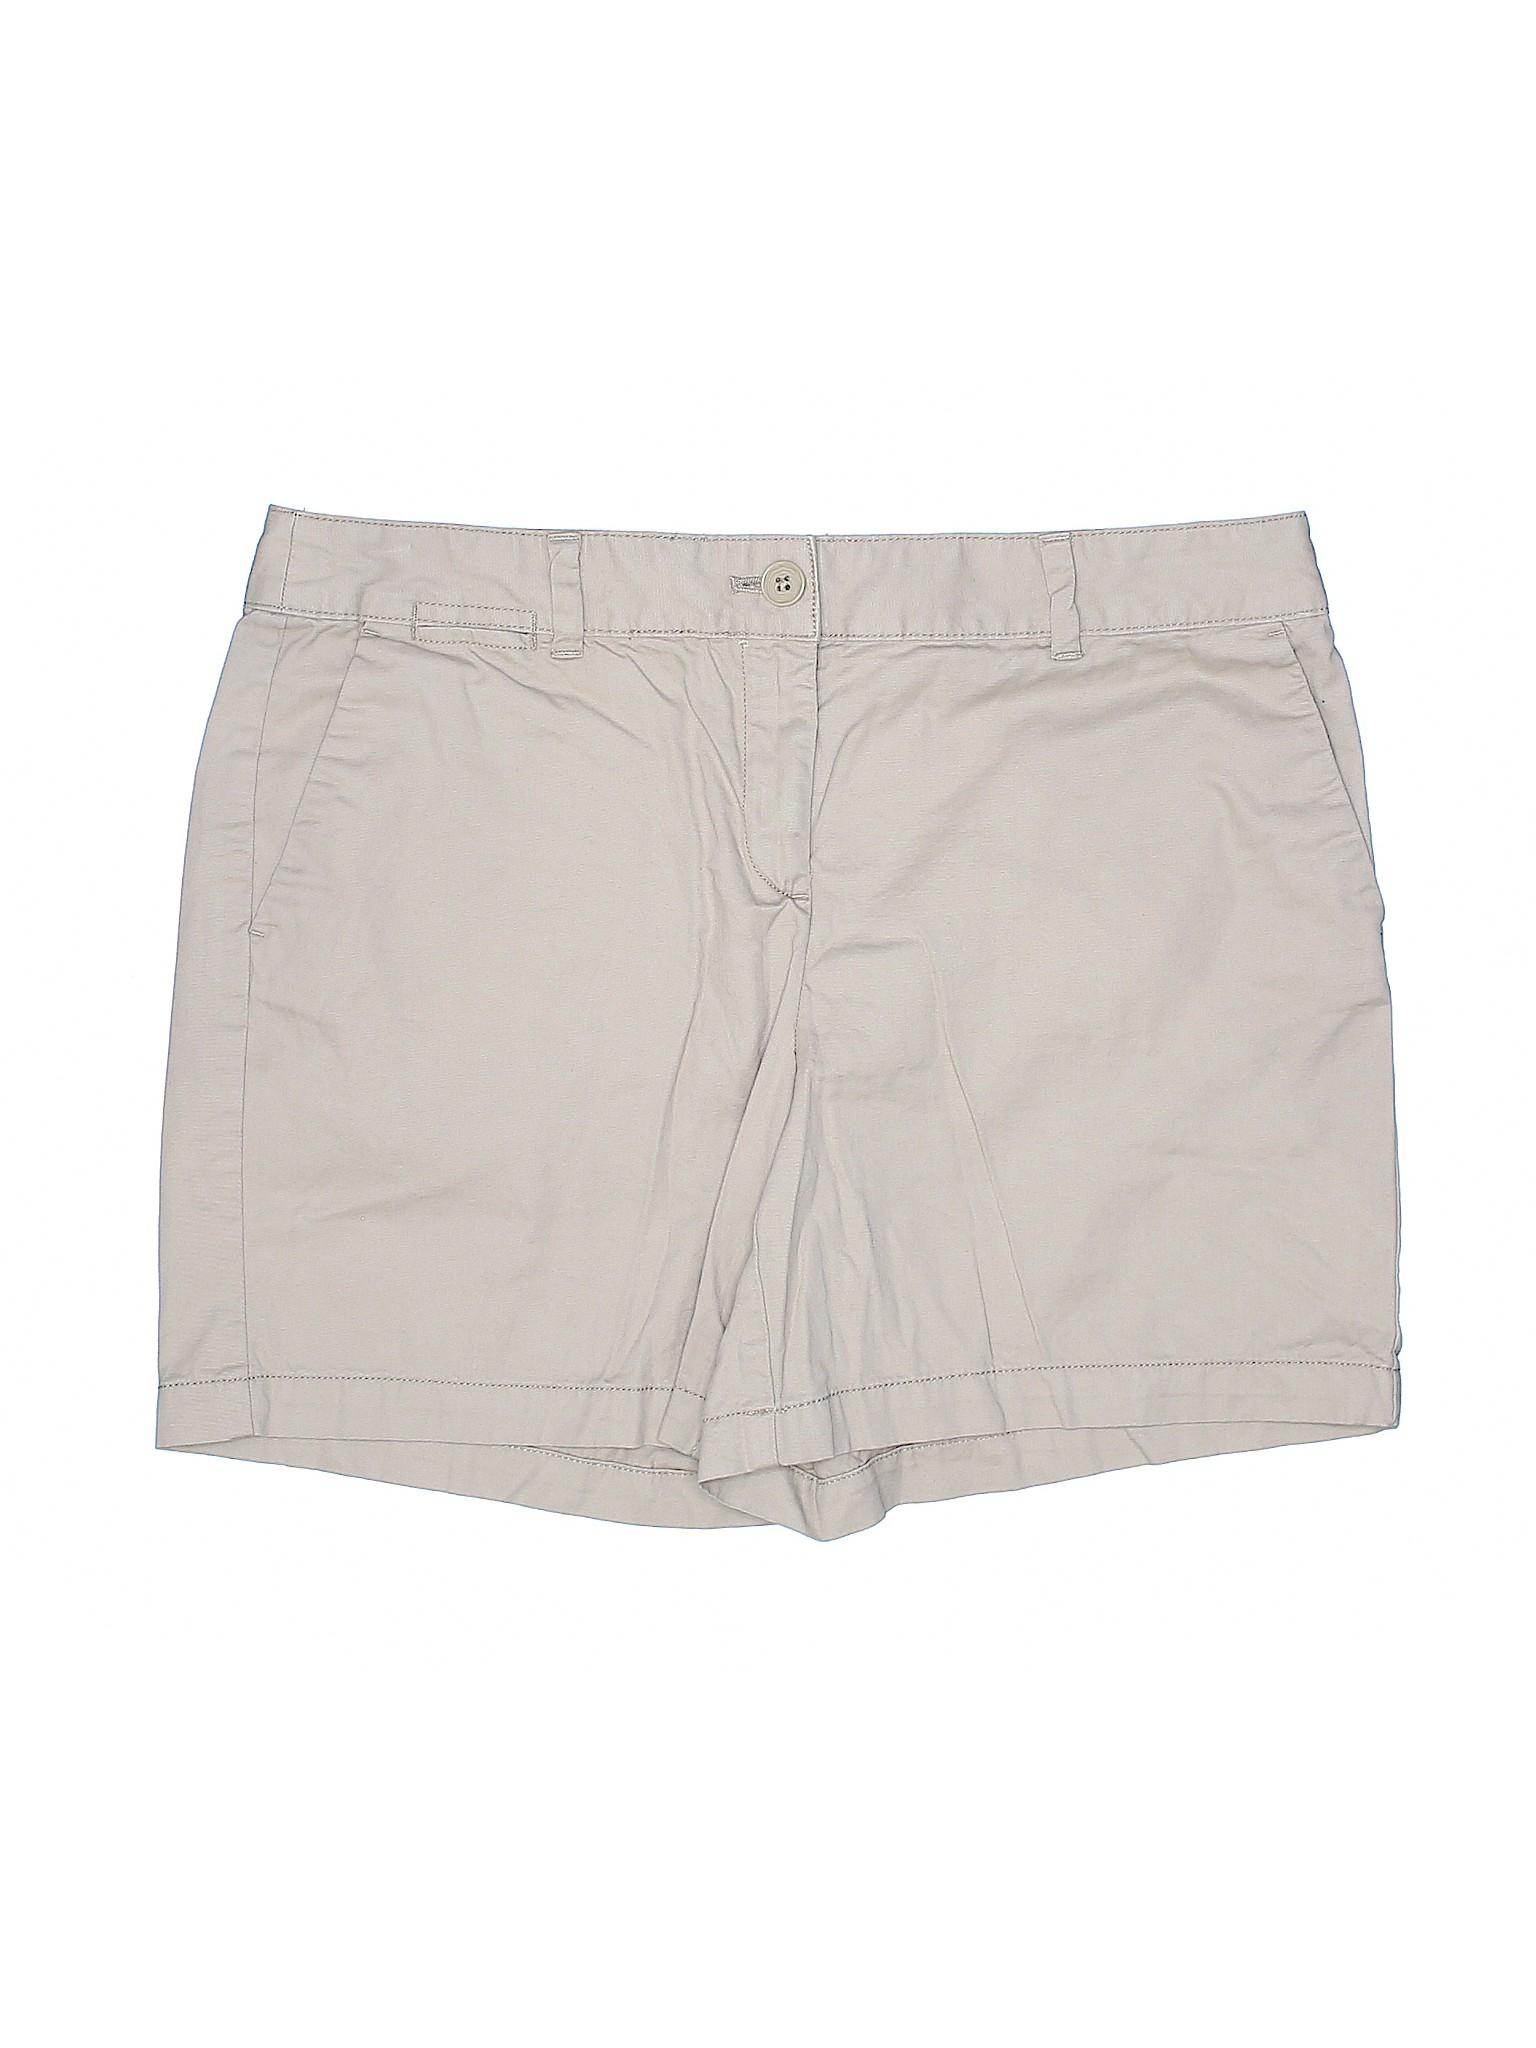 Boutique Khaki Ann Shorts LOFT winter Outlet Taylor r0ZzwrqA